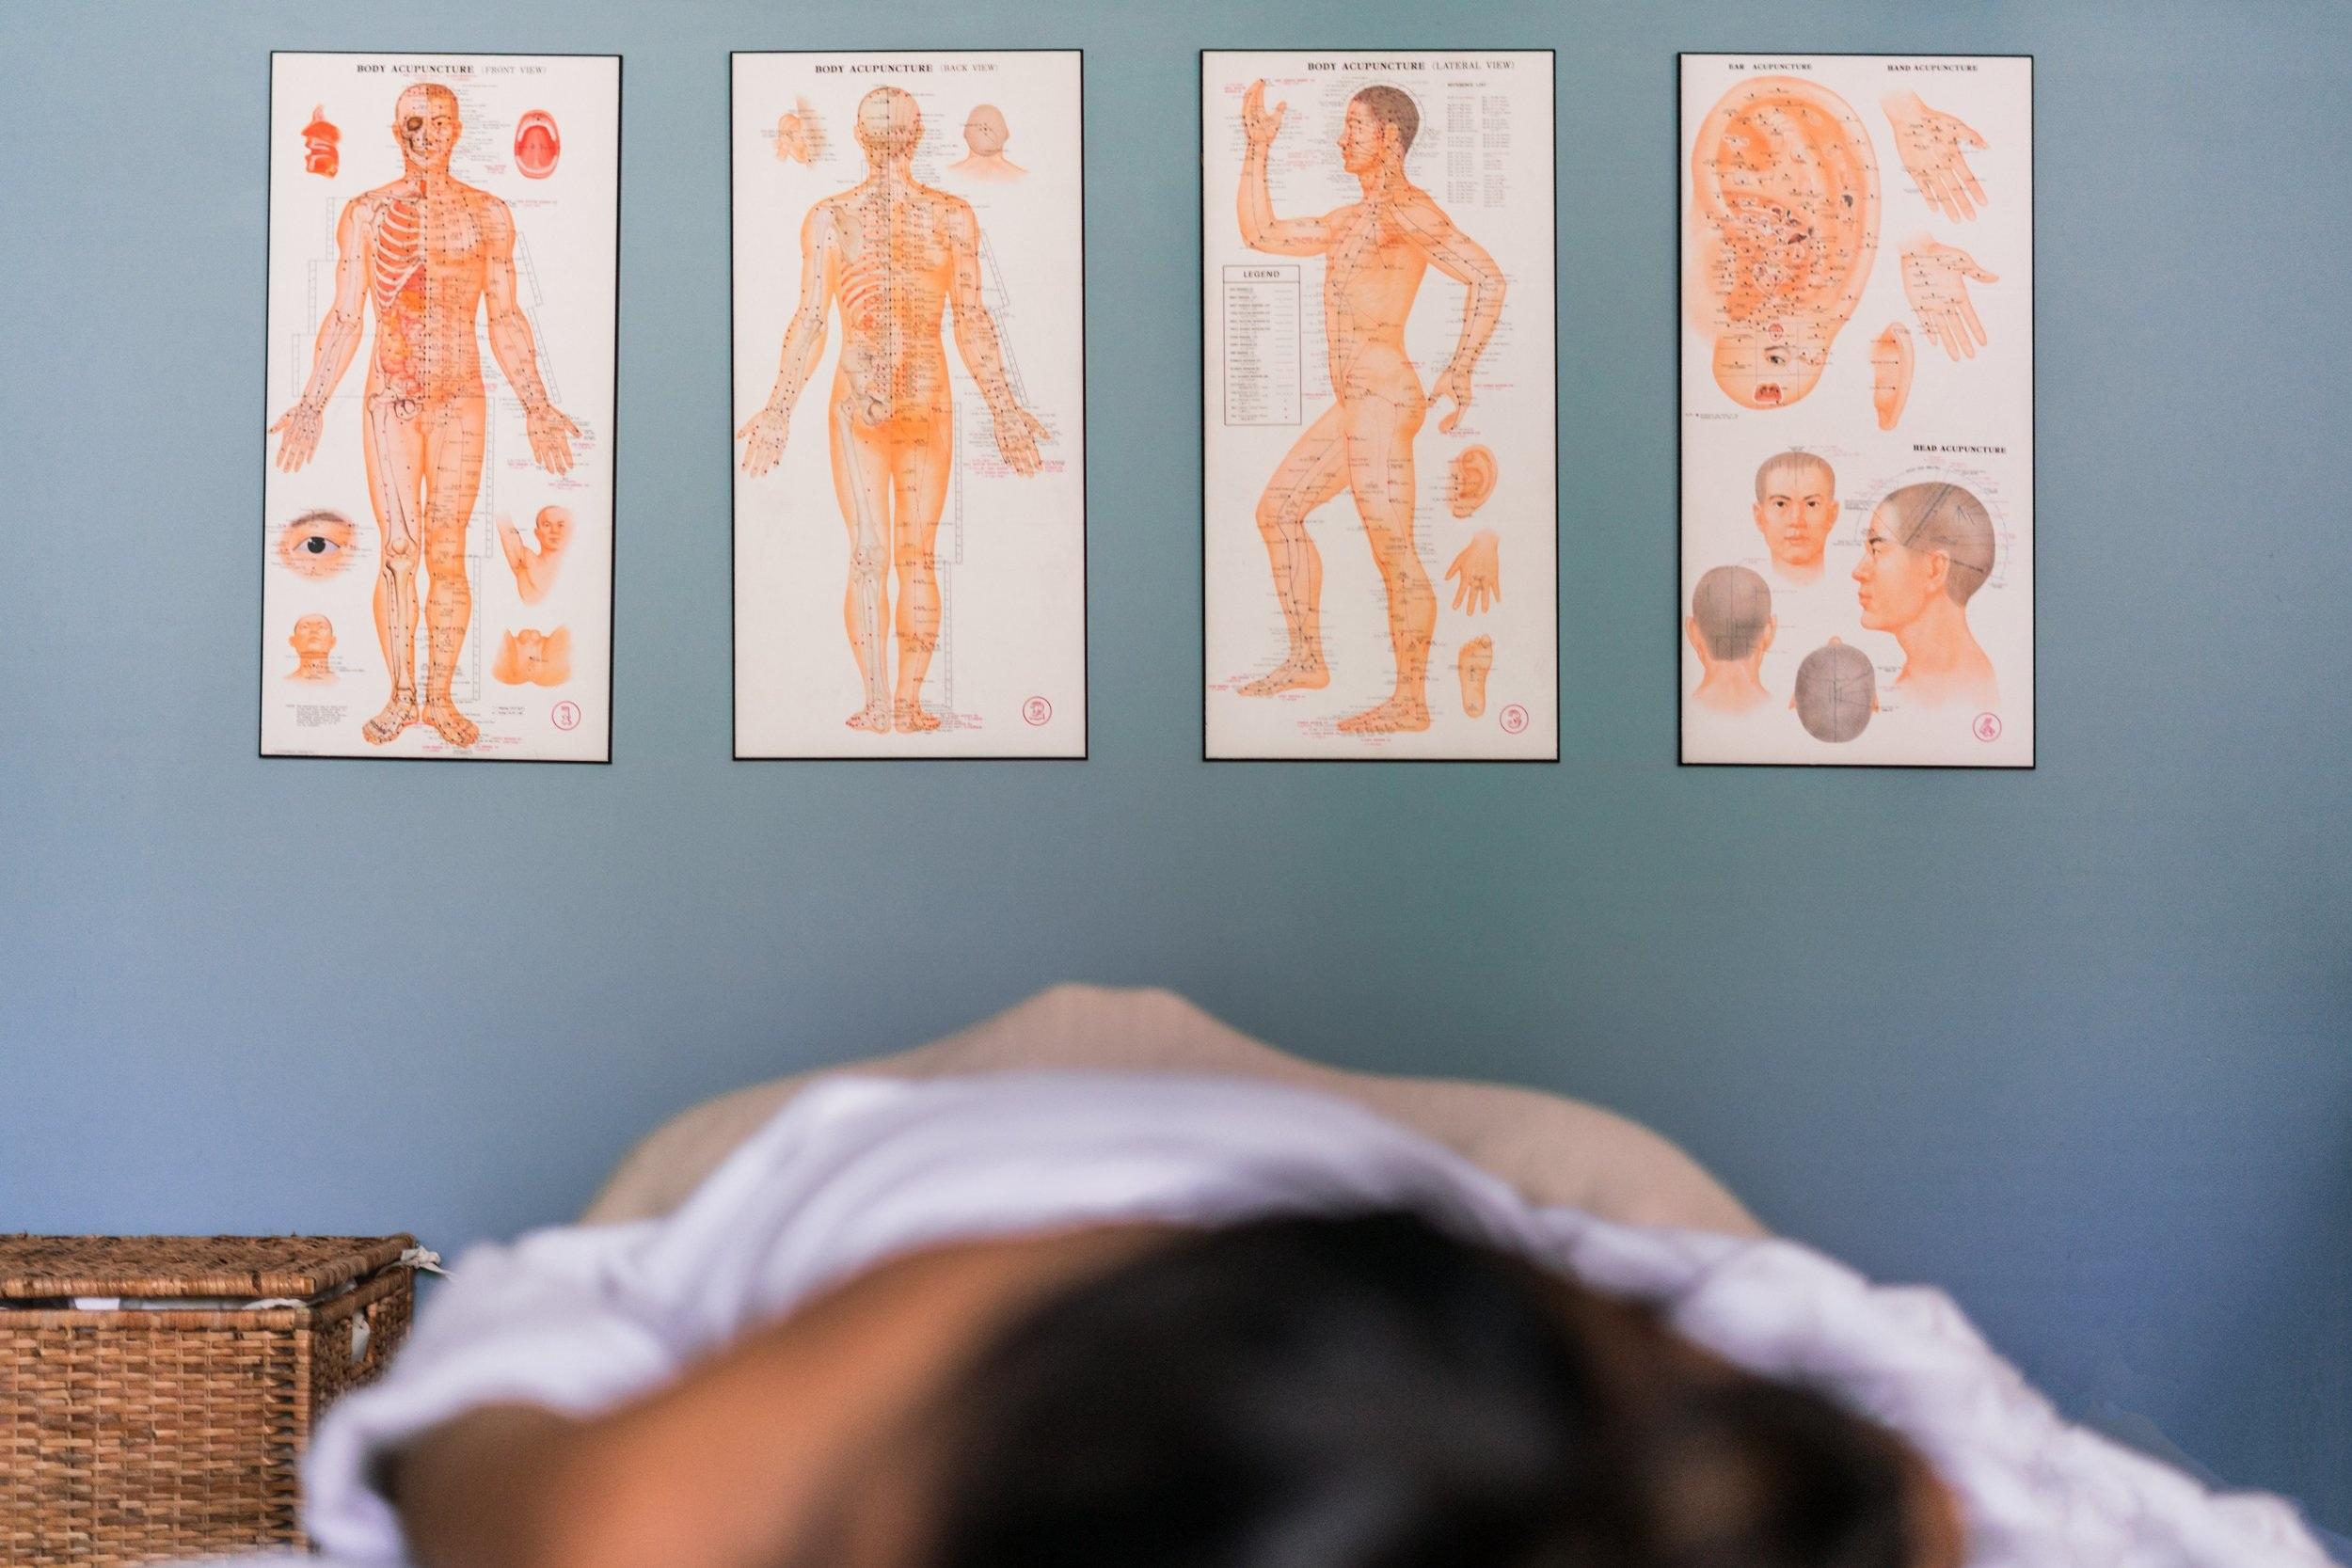 massage-reference-charts-art+%281%29.jpg